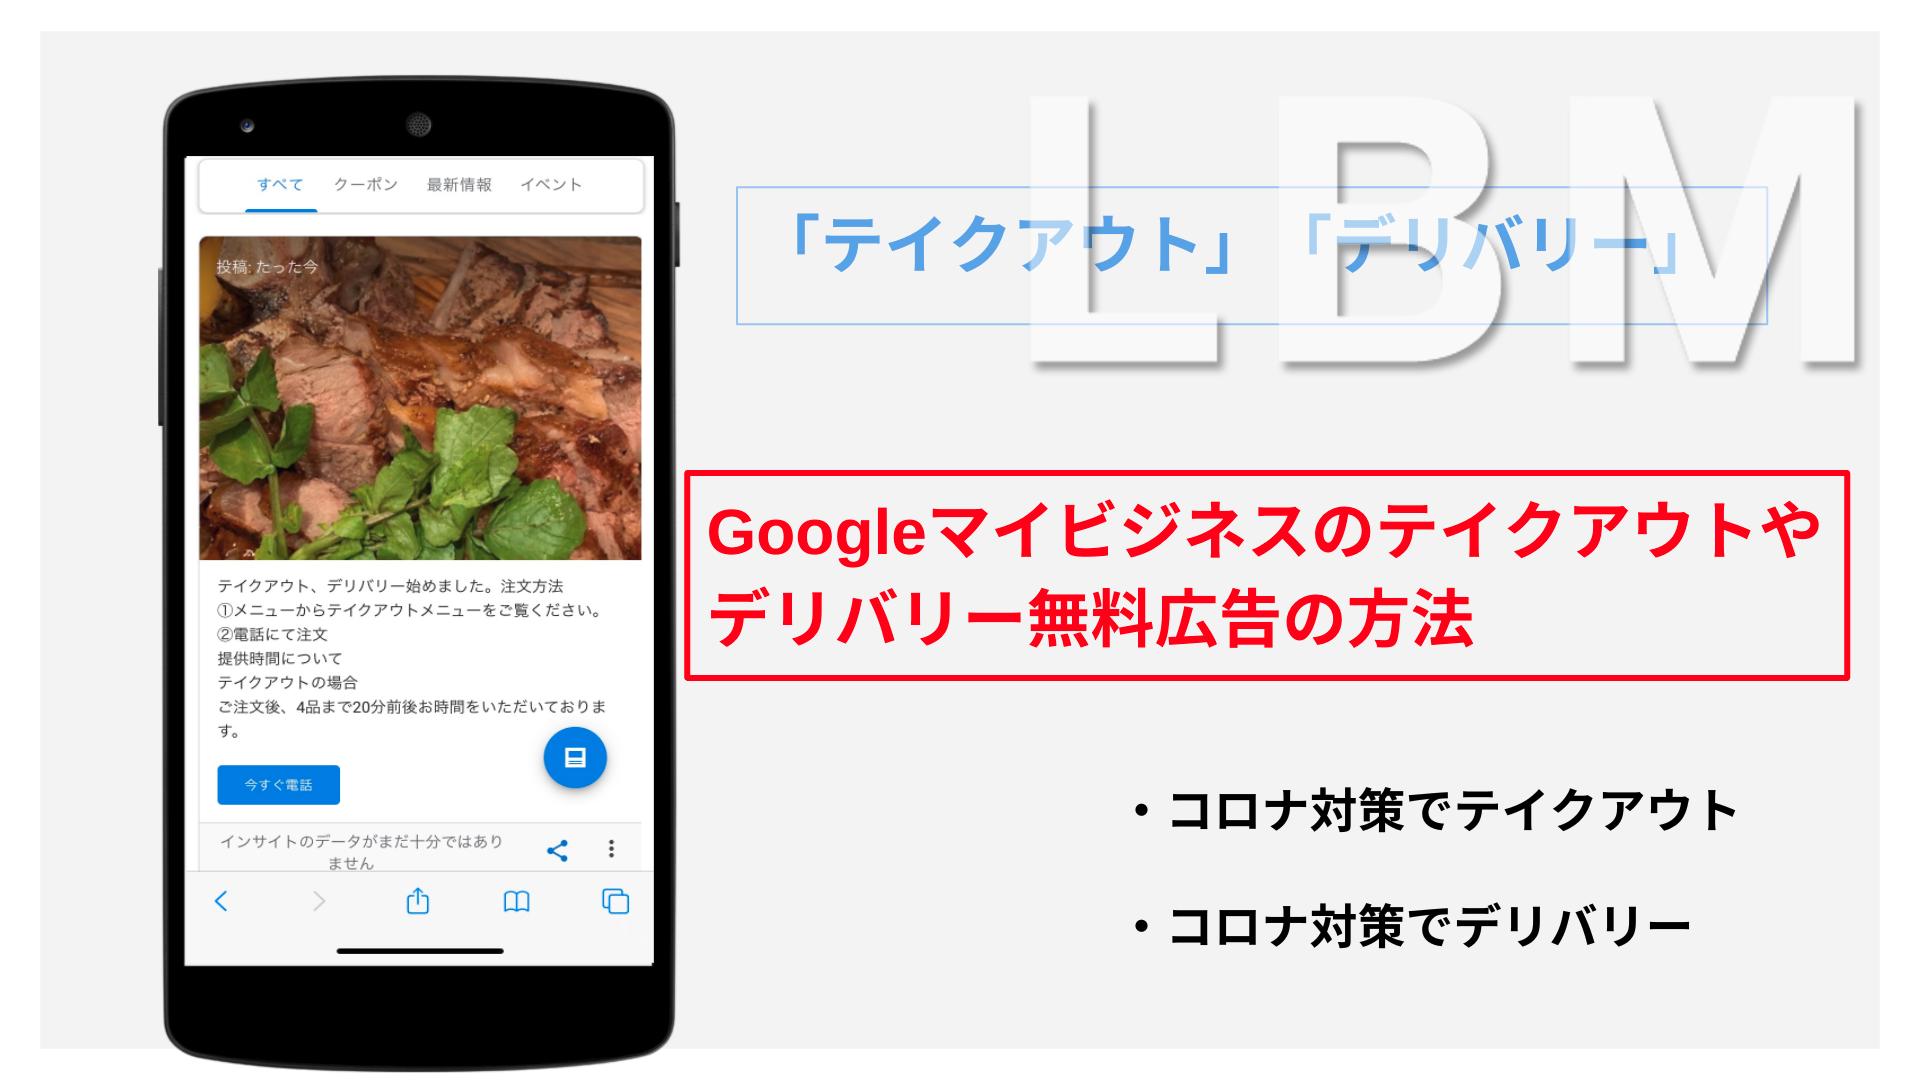 Googleマイビジネスのテイクアウトやデリバリー無料広告の方法